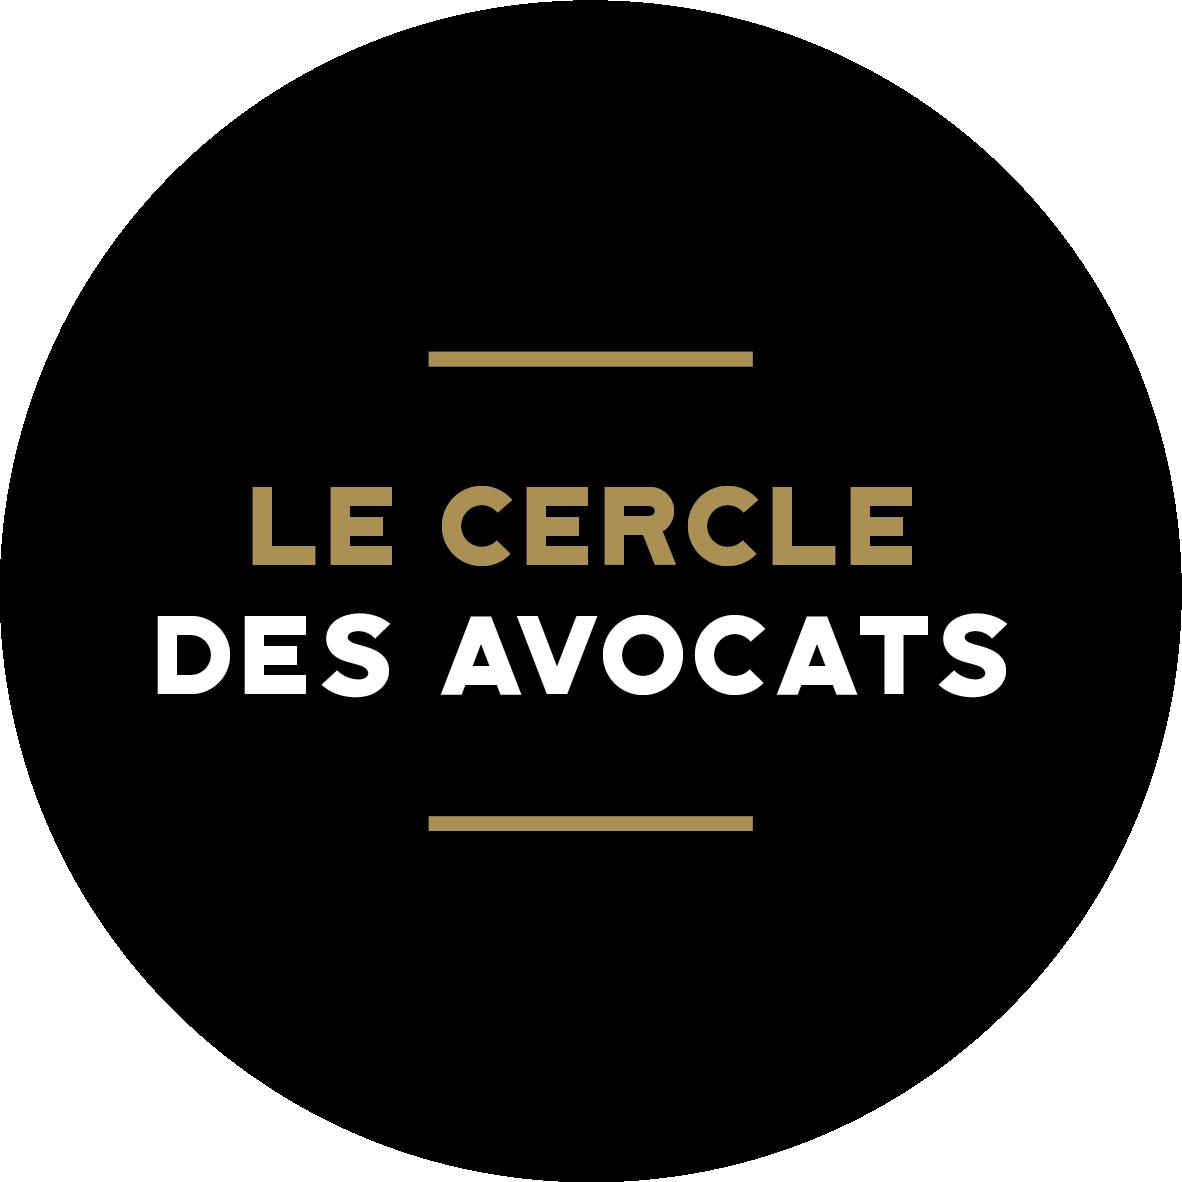 Le Cercle des Avocats